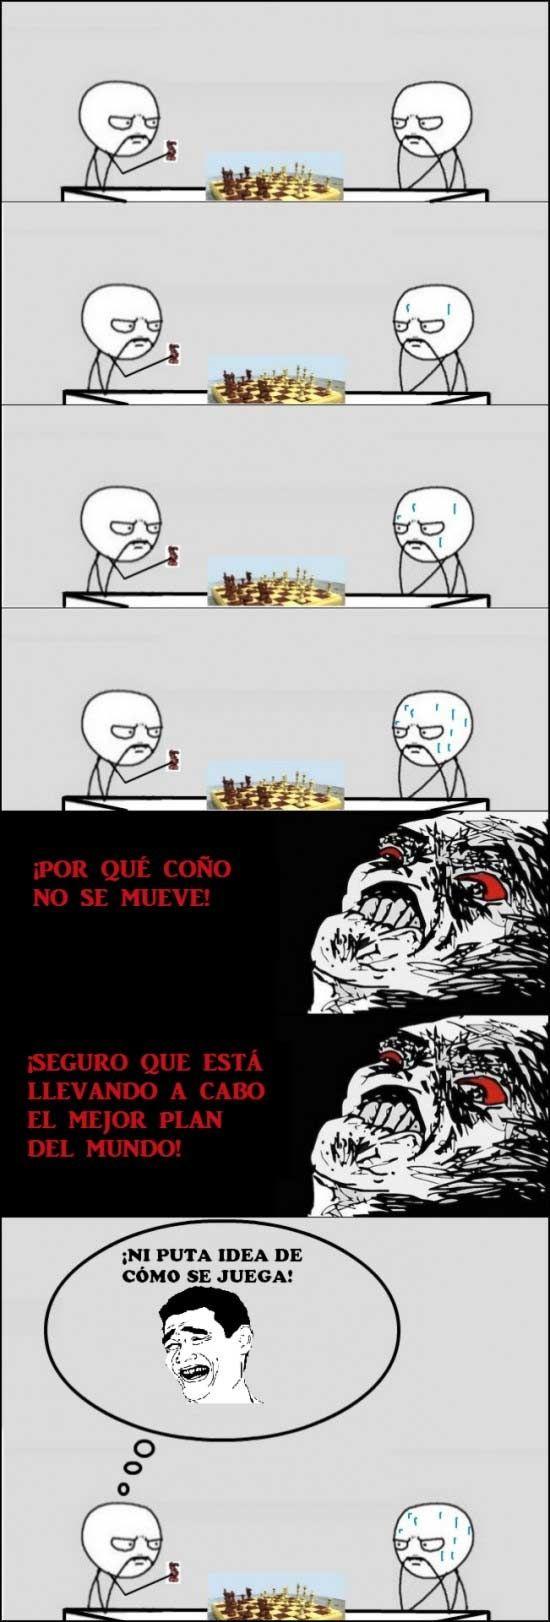 Jugando al ajedrez (FOTO) (Memes)